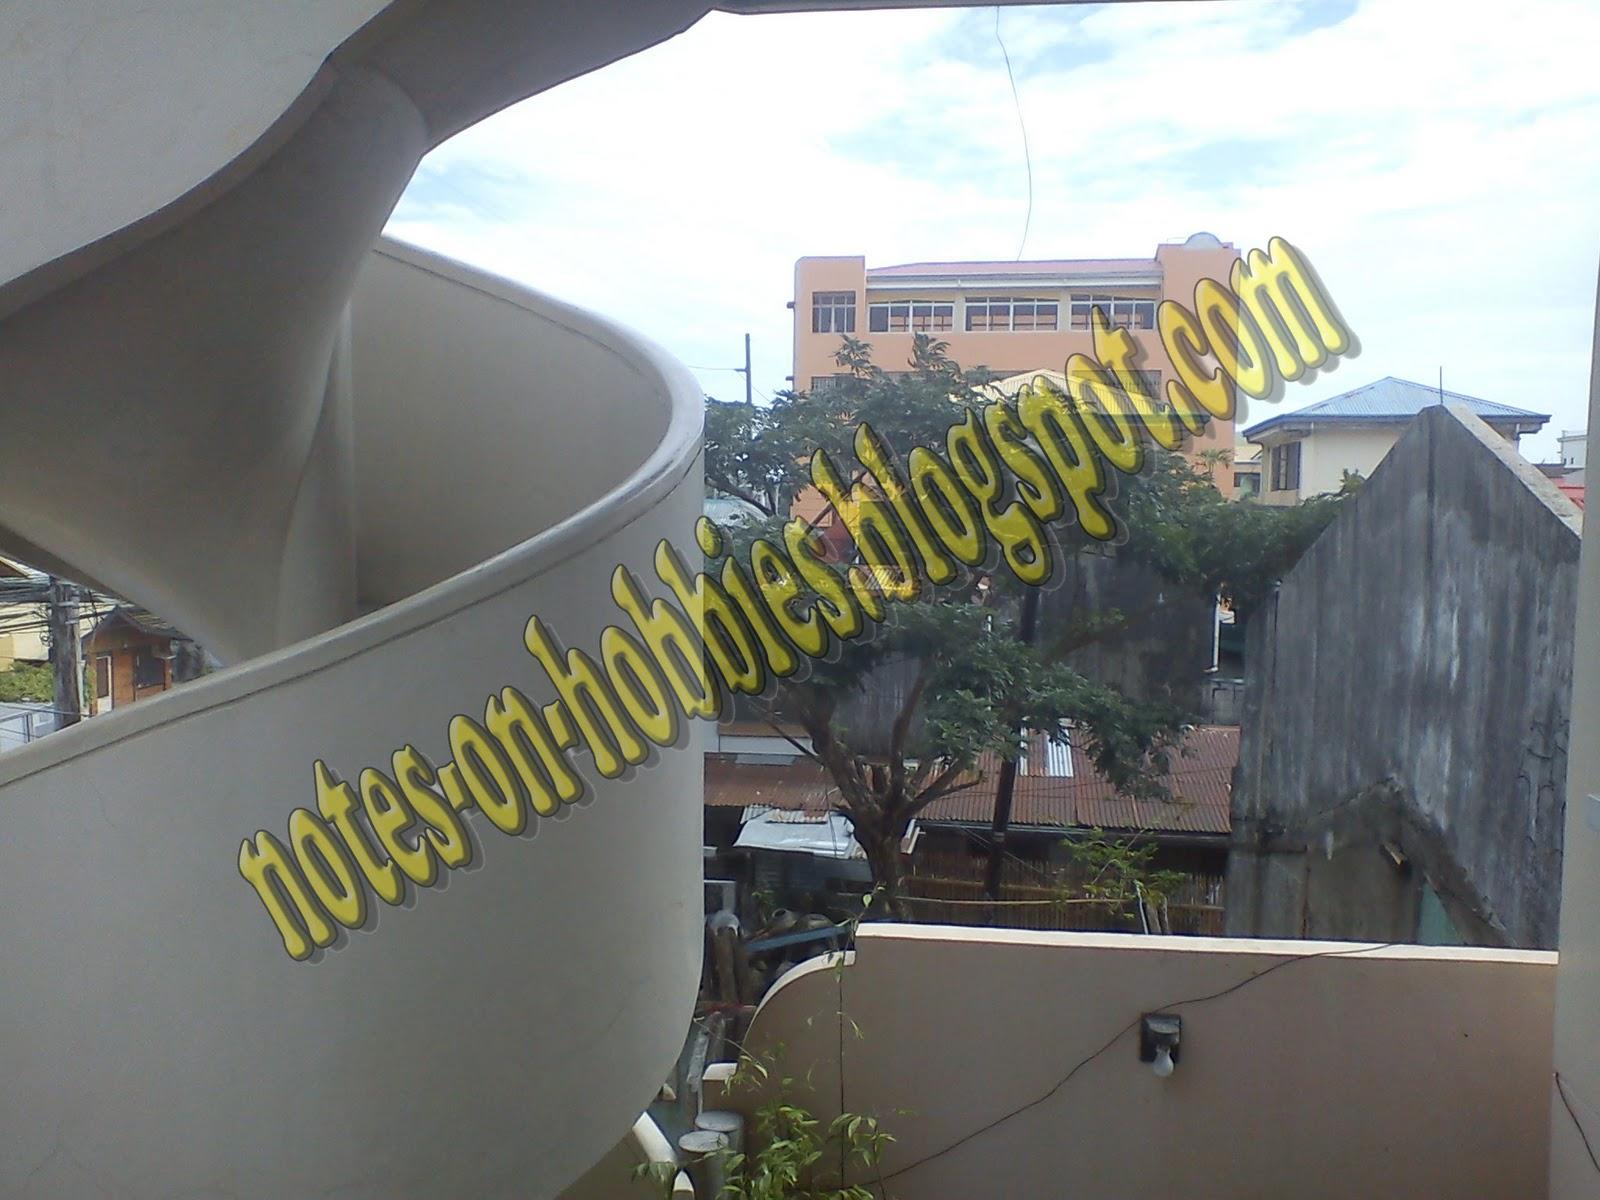 http://1.bp.blogspot.com/-uxe2JnzEqu4/TWRRvY0_66I/AAAAAAAAAK4/aGgRMUht9_M/s1600/xperia%2Bx8%2Bcamera%2Bshot%2B5.jpg